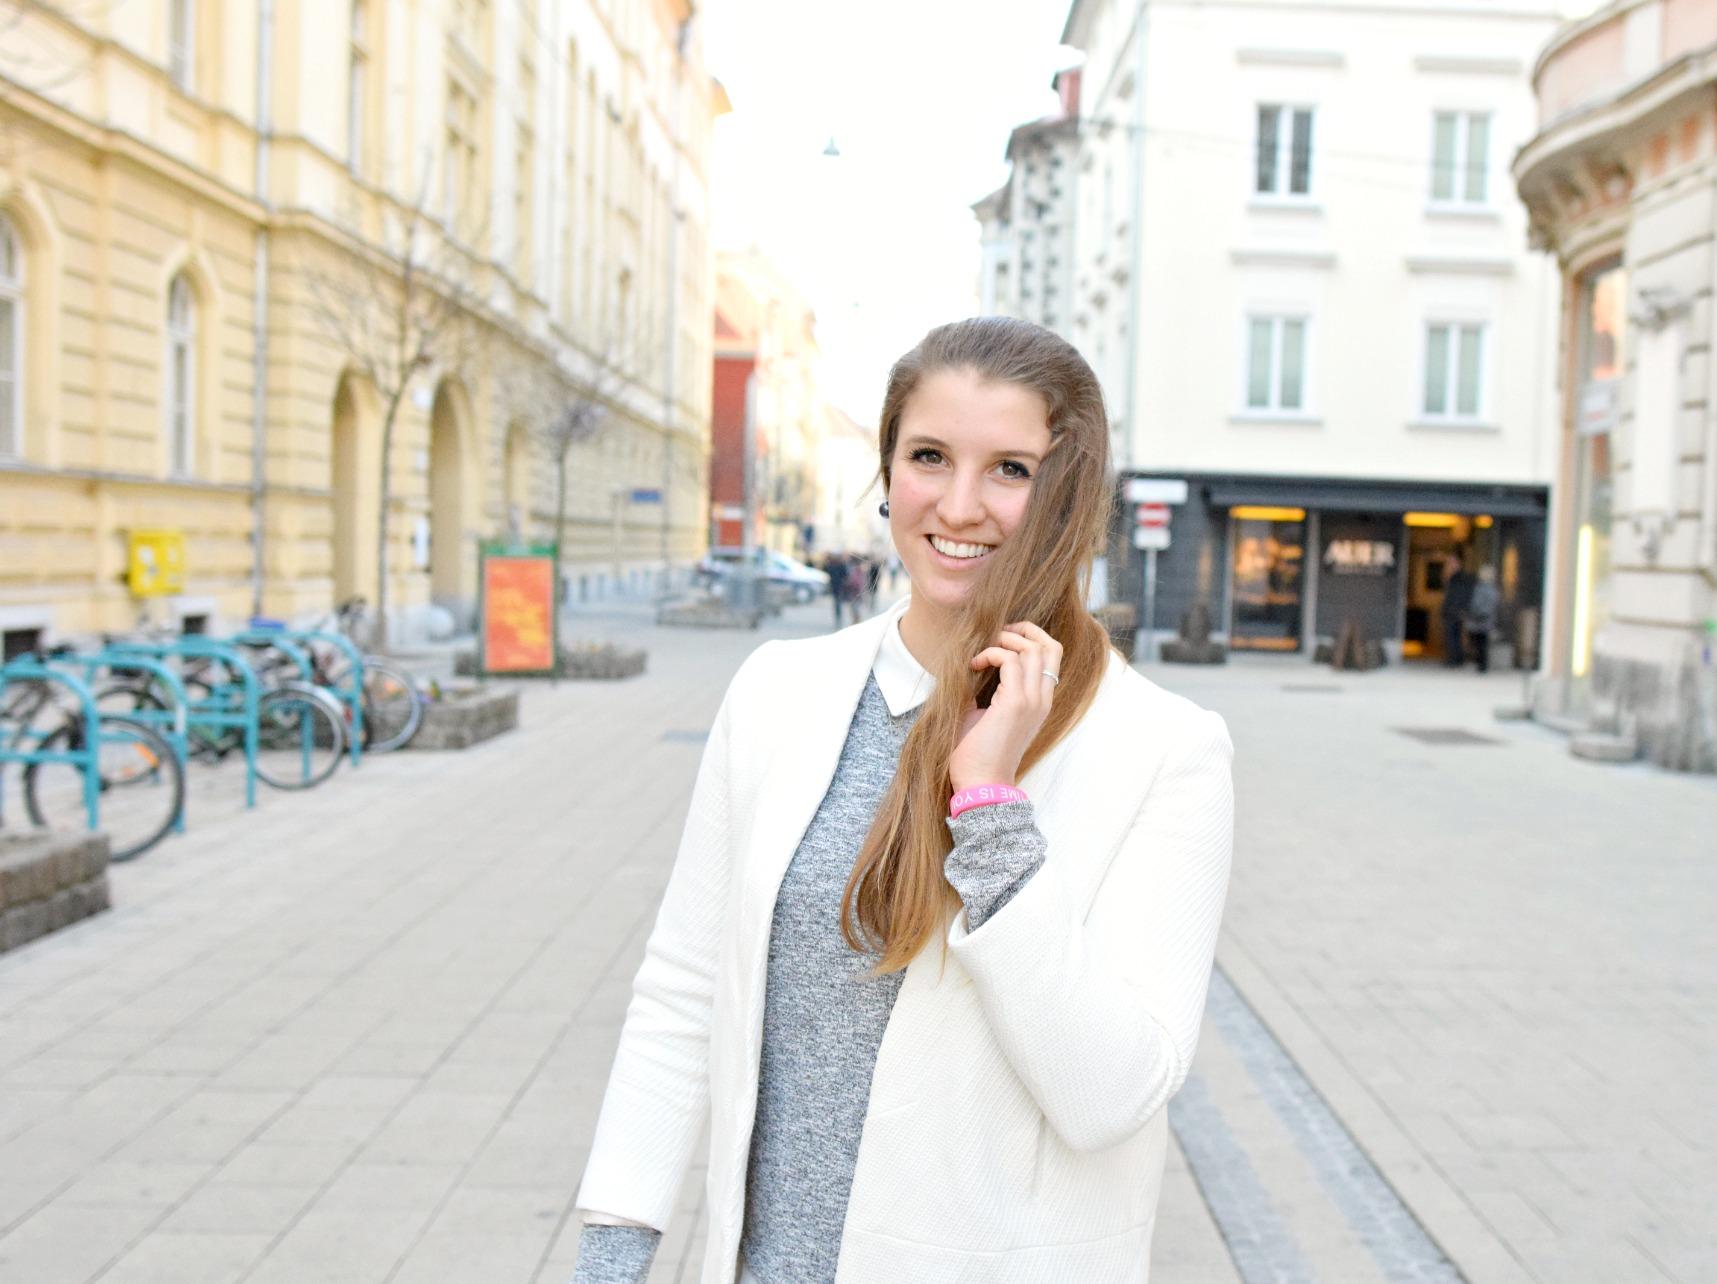 fitnessblog-fashionblog-lifestyleblog-klara-fuchs-blogger-österreich-graz-outfit-gewohnheiten-erfolg-business-girl4